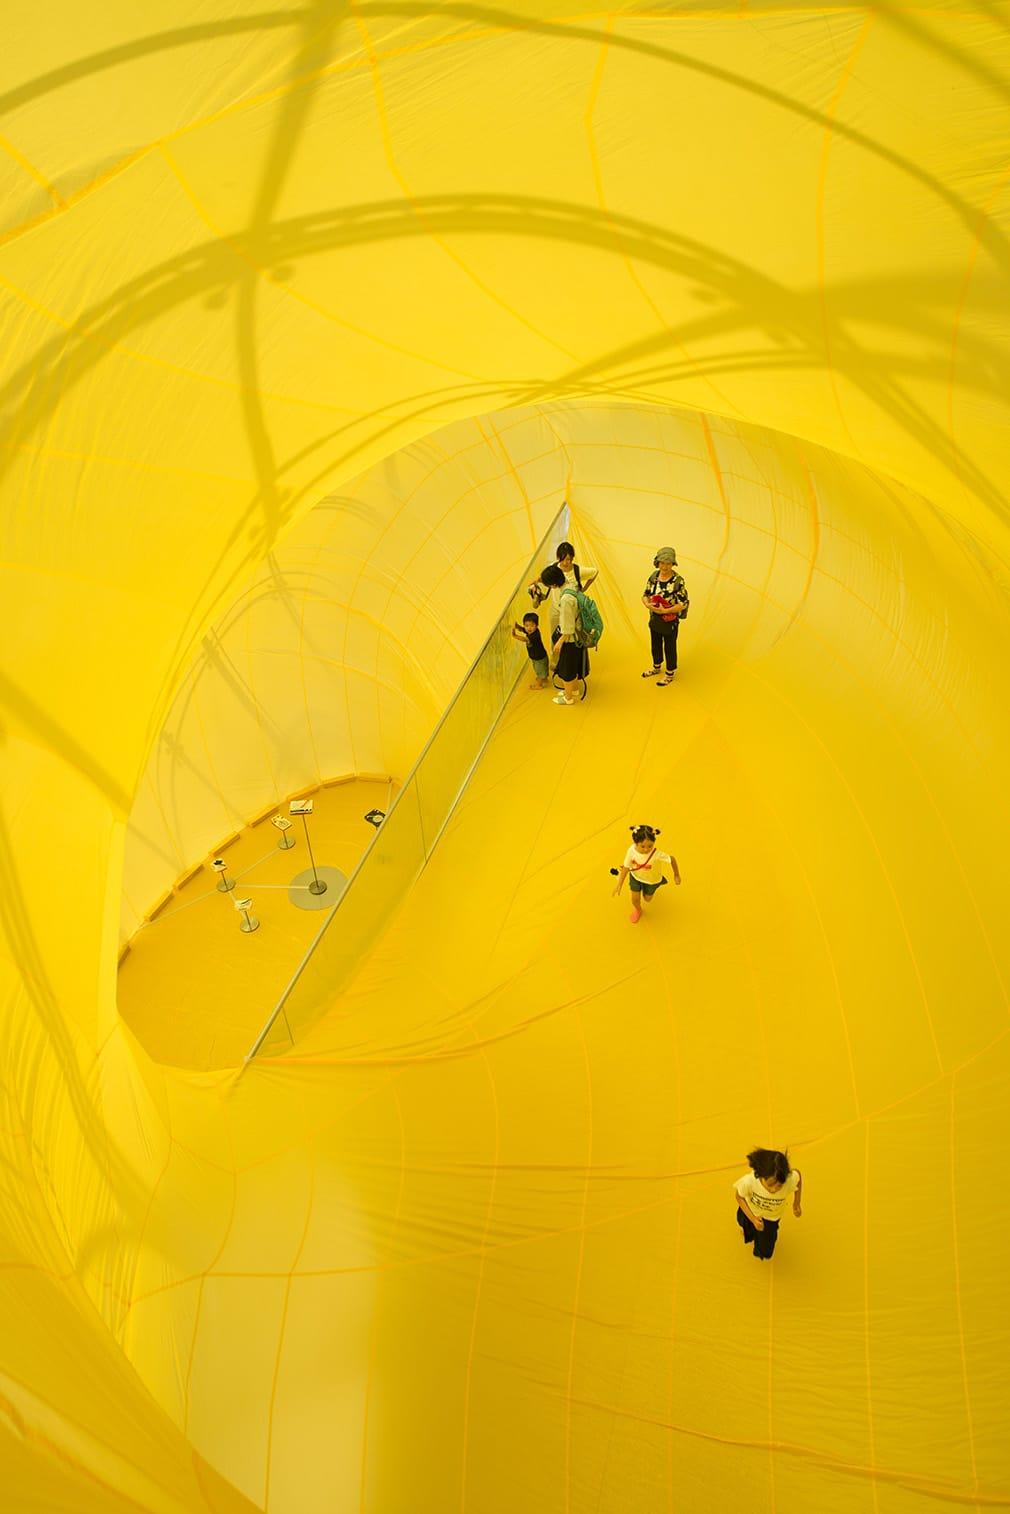 モエレ沼公園のシンボルである「ガラスのピラミッドHIDAMAI」に出現している松井紫朗氏の『climbing time / falling time』のバルーン内部。『without records』が侵食しているのが垣間見えている。